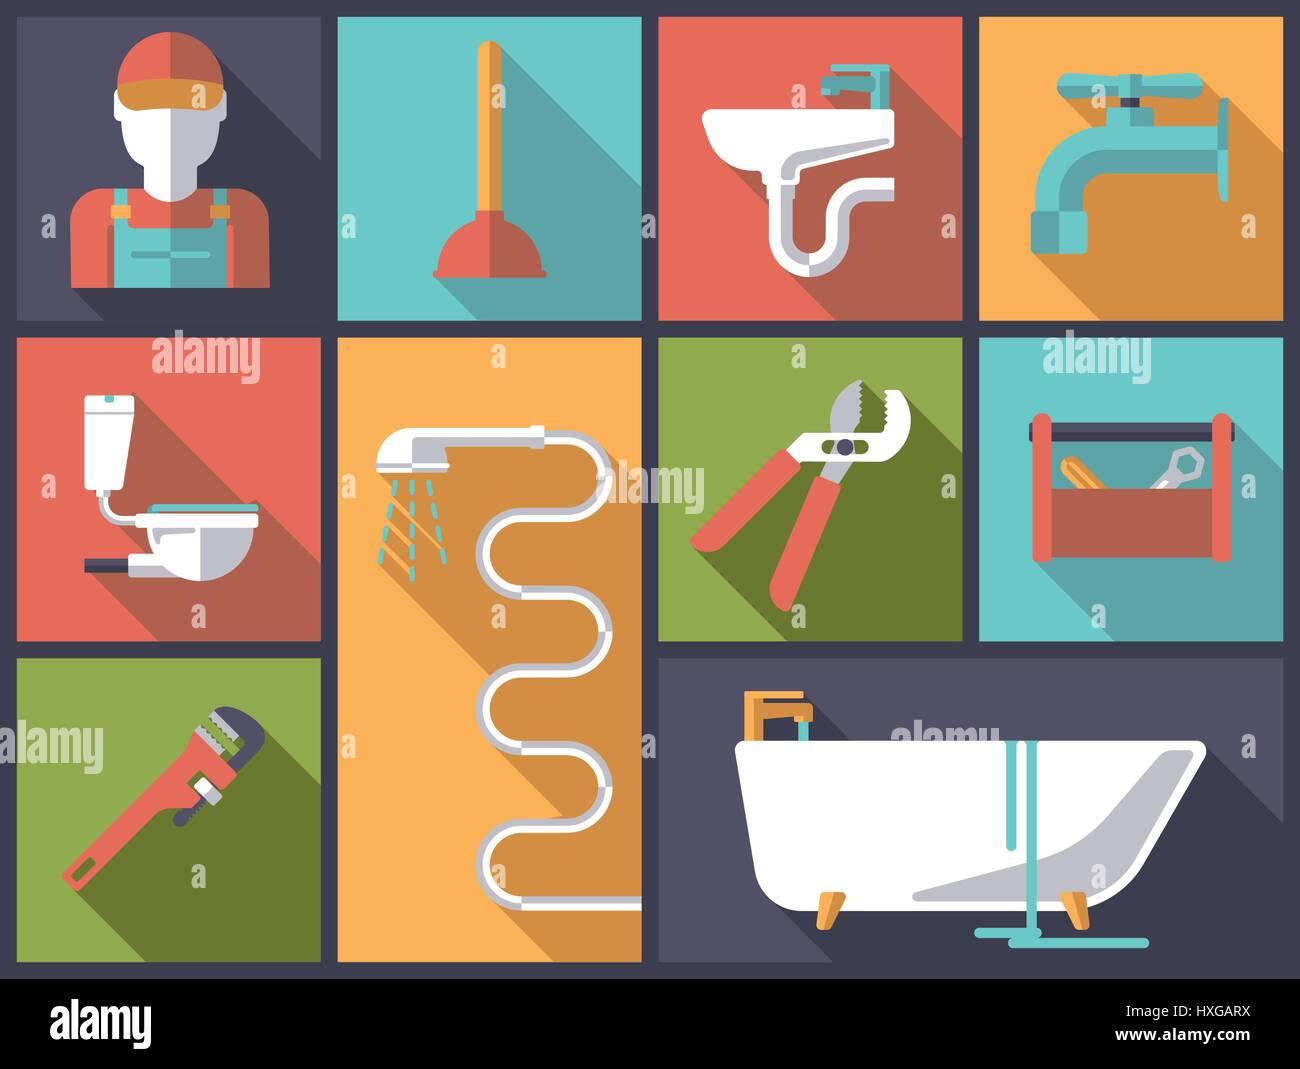 Horizontale flache Bauweise lange Schatten Illustration mit Sanitär-Werkzeuge und sanitäre Anlagen Stockbild